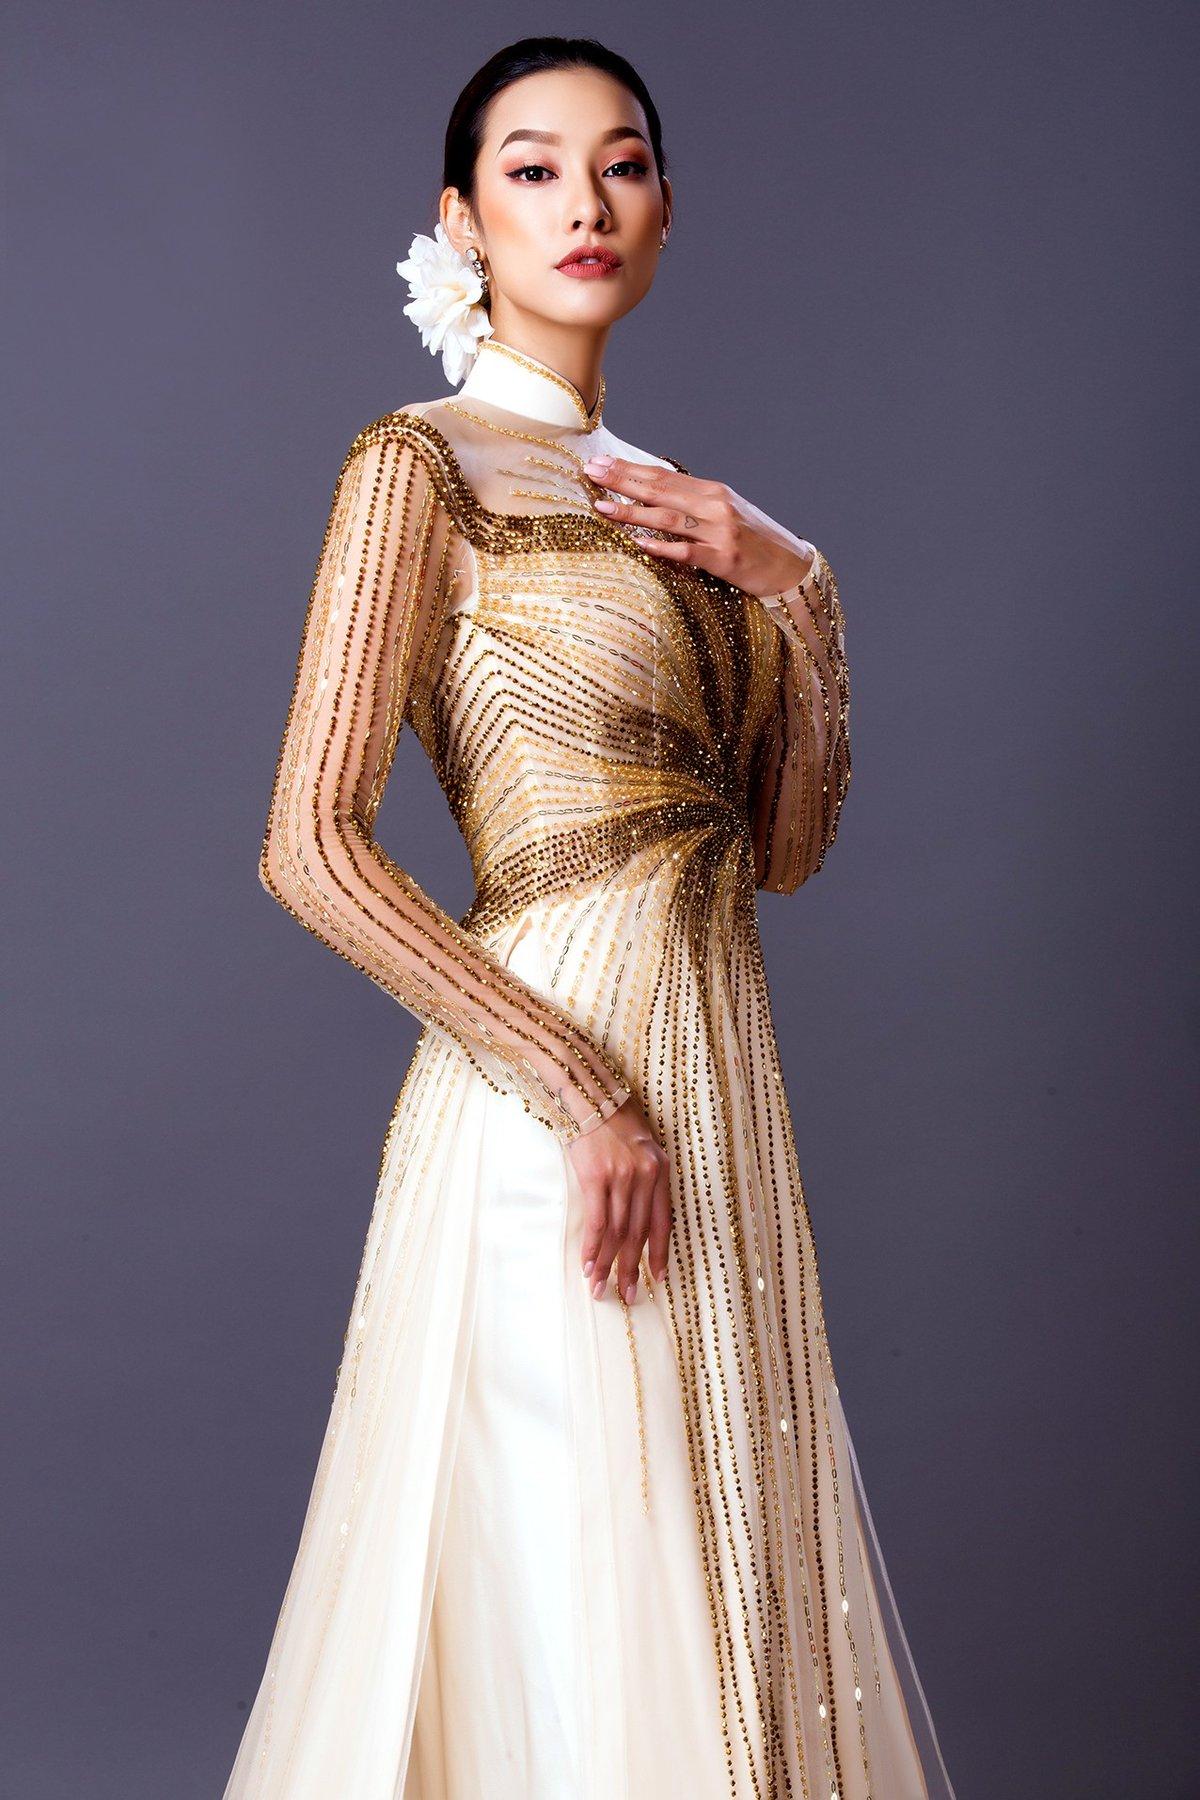 Ngôi sao - Lilly Nguyễn đẹp quý phái trong áo dài cưới truyền thống (Hình 5).